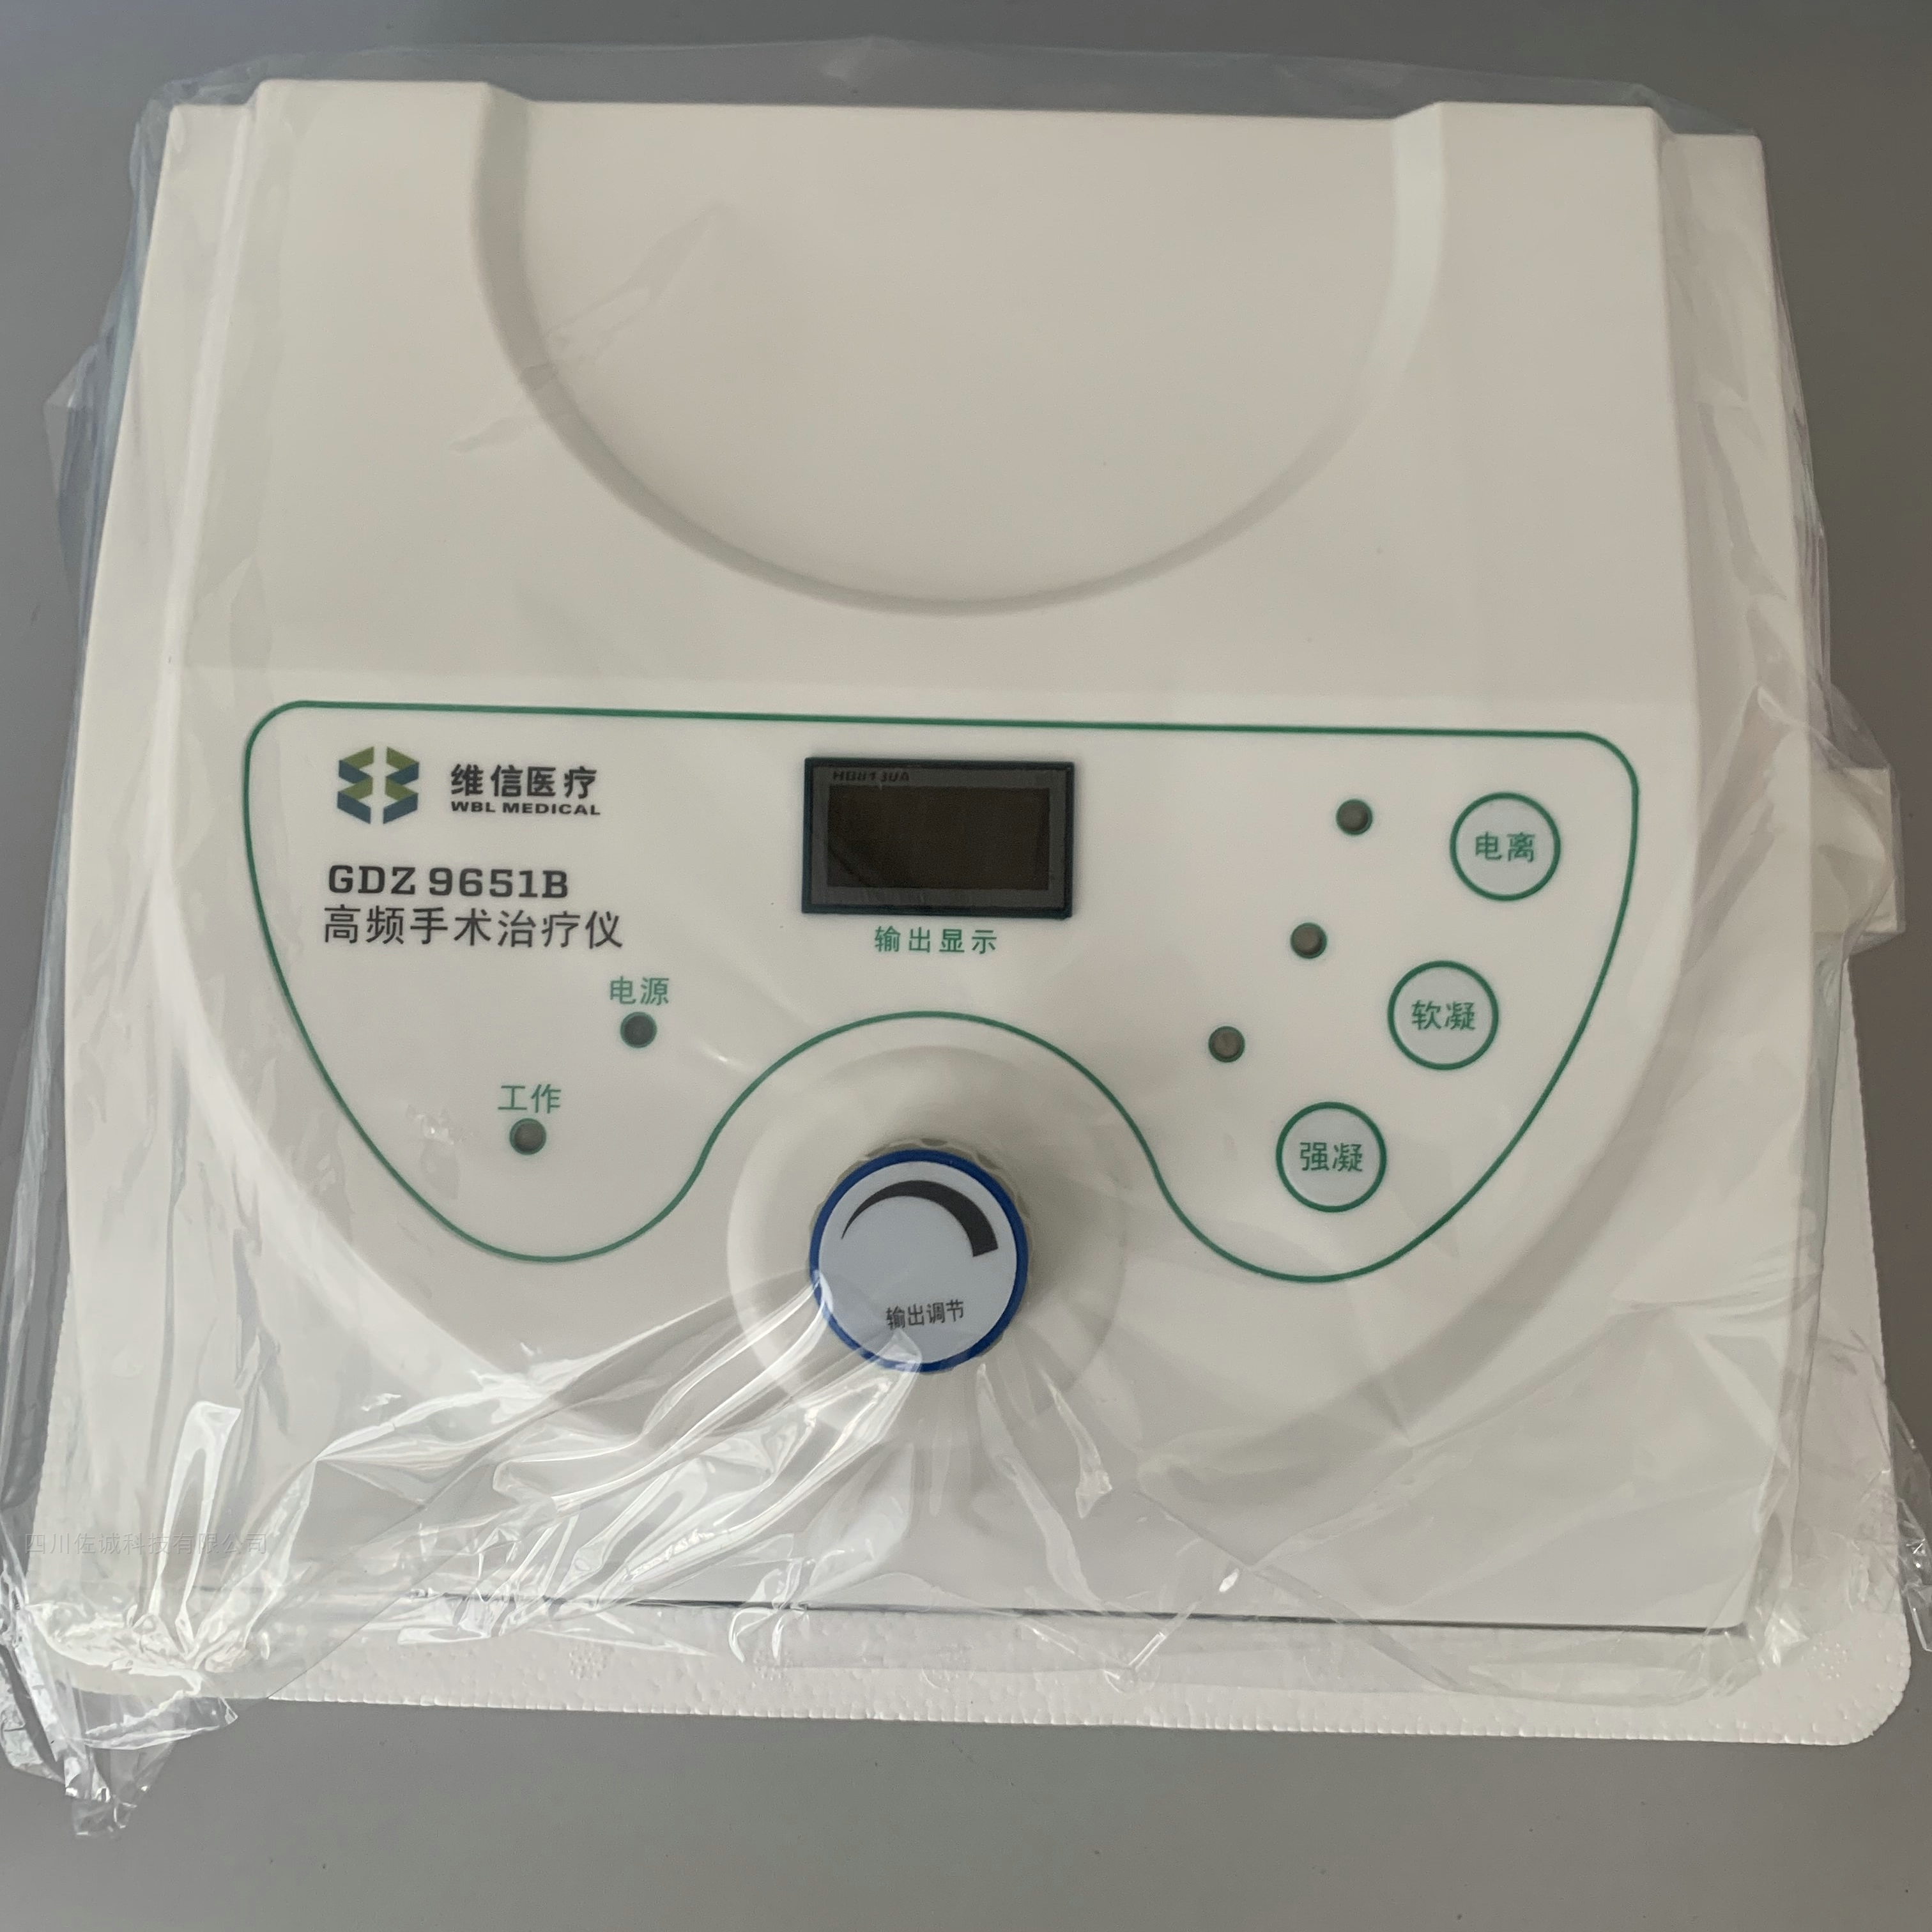 维信医疗电刀电凝器GDZ9651B高频手术治疗仪